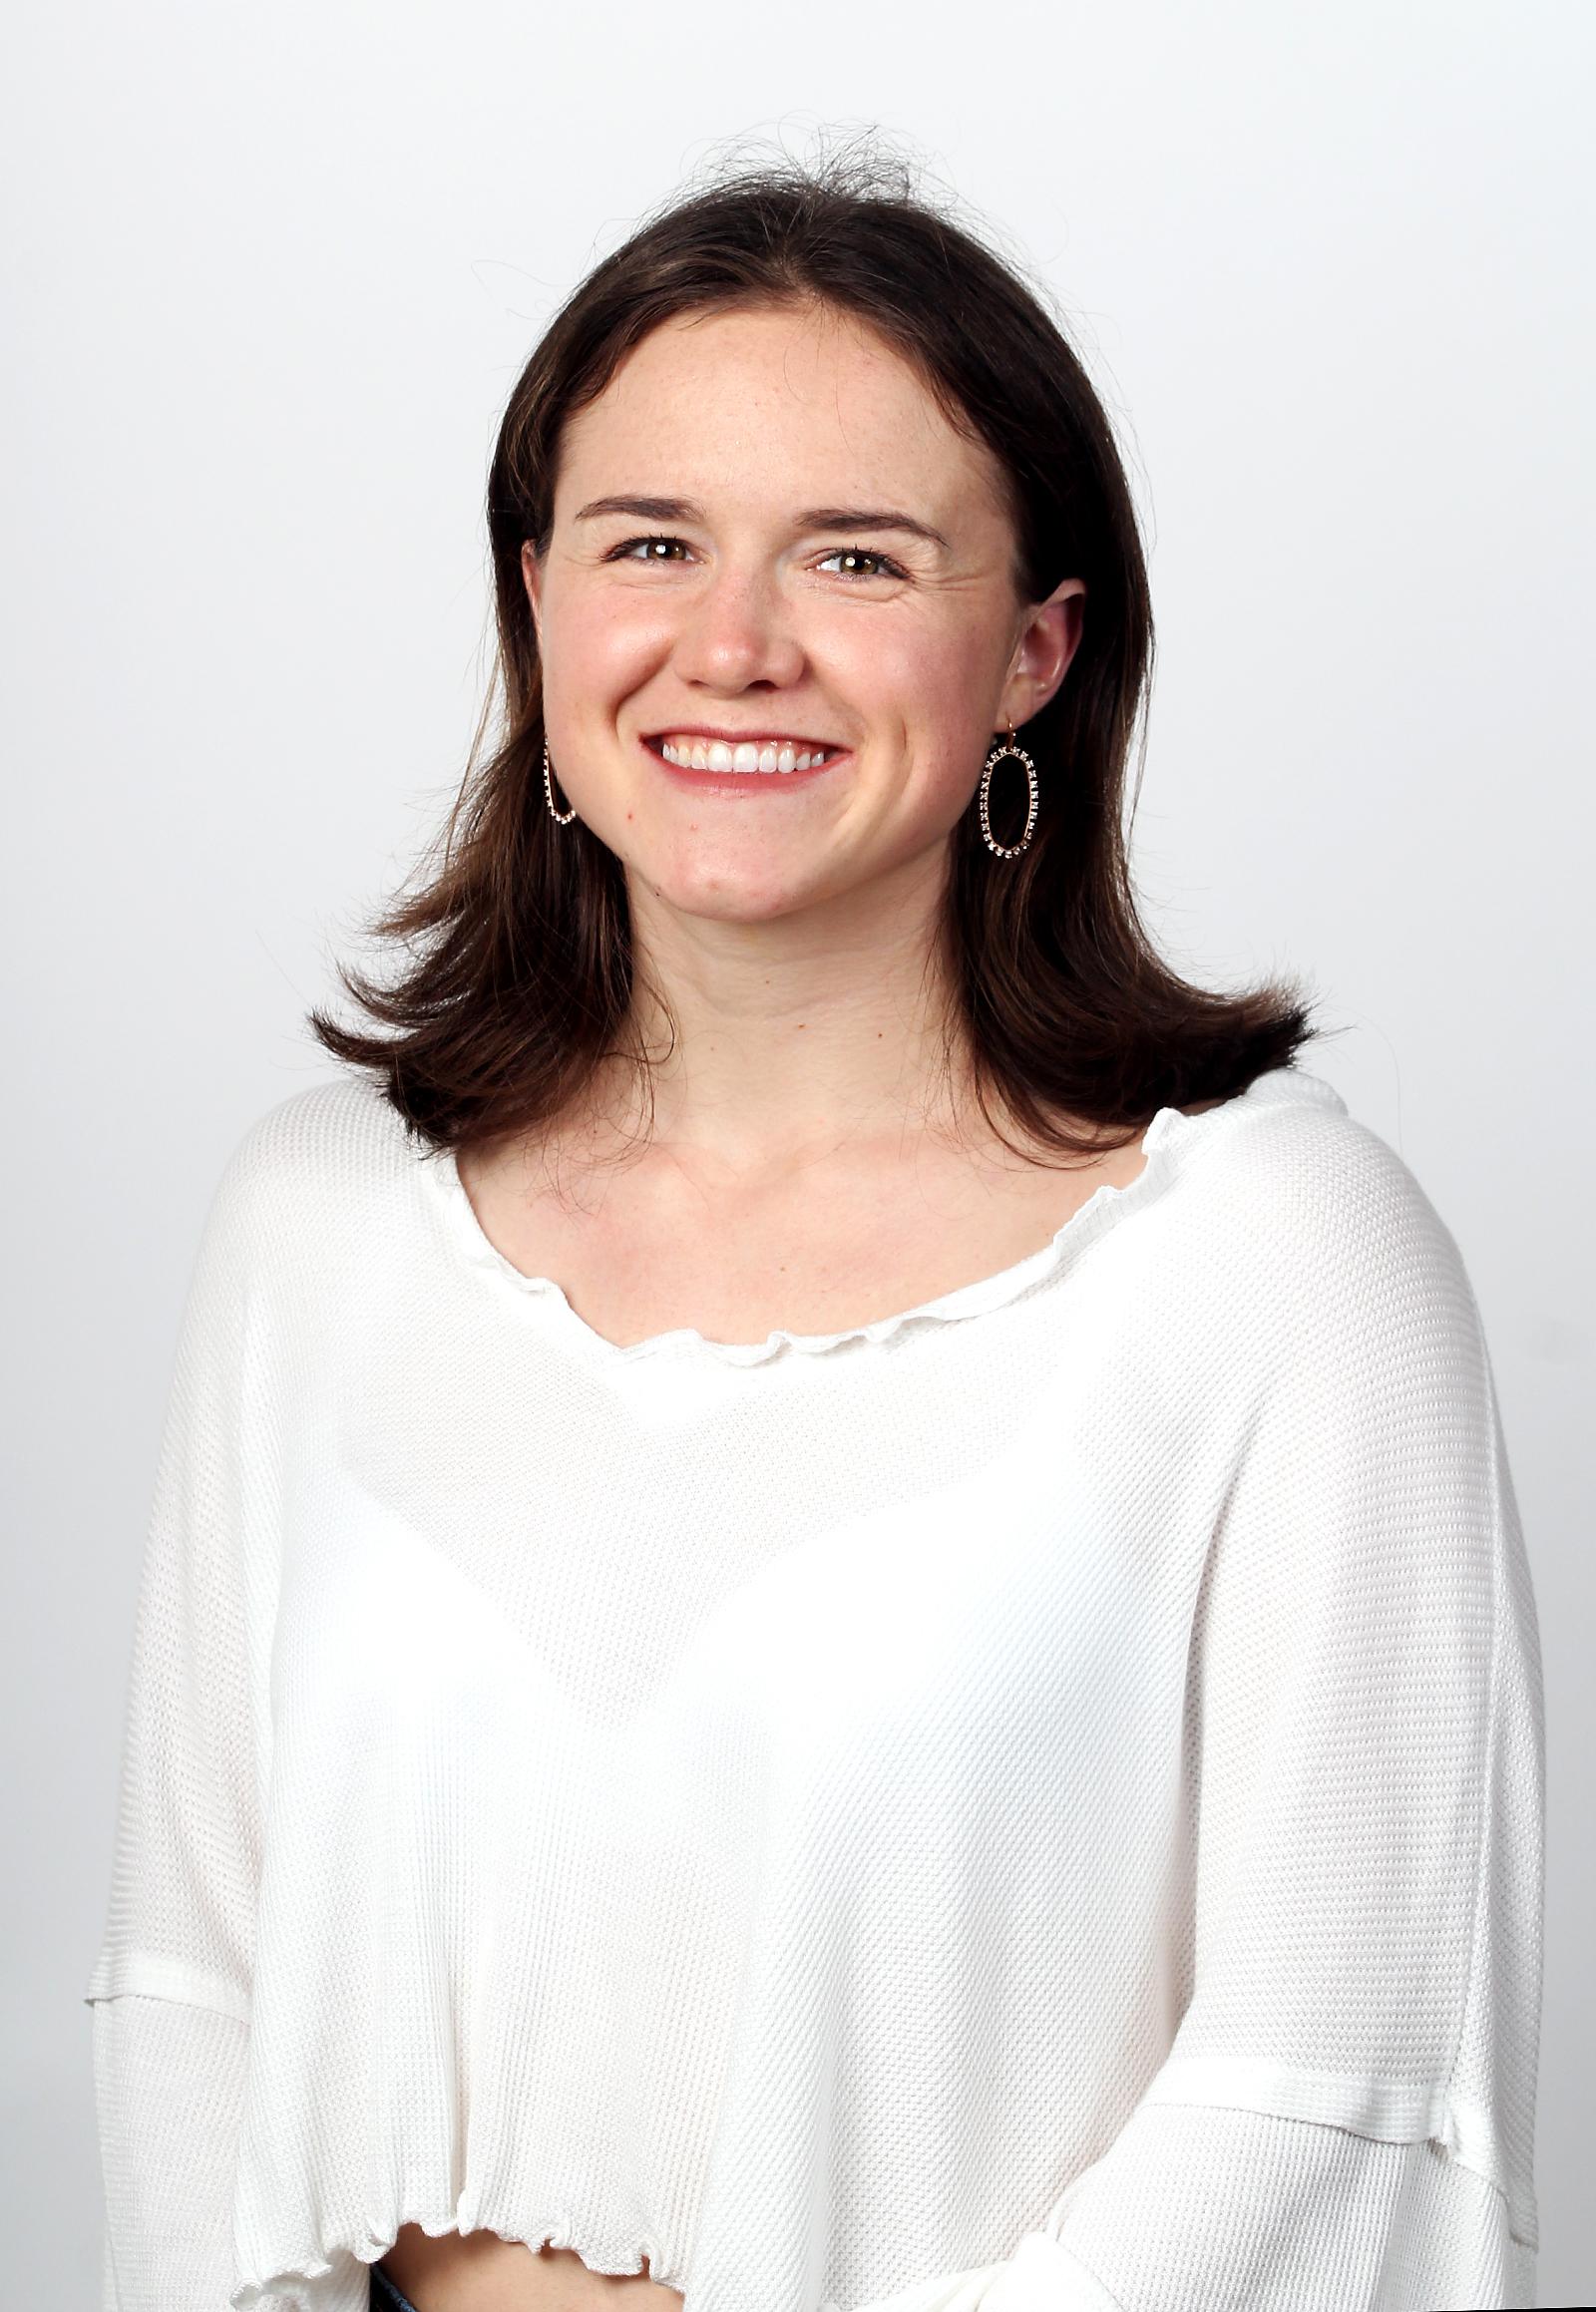 Anna Kate Doiron : Reporter